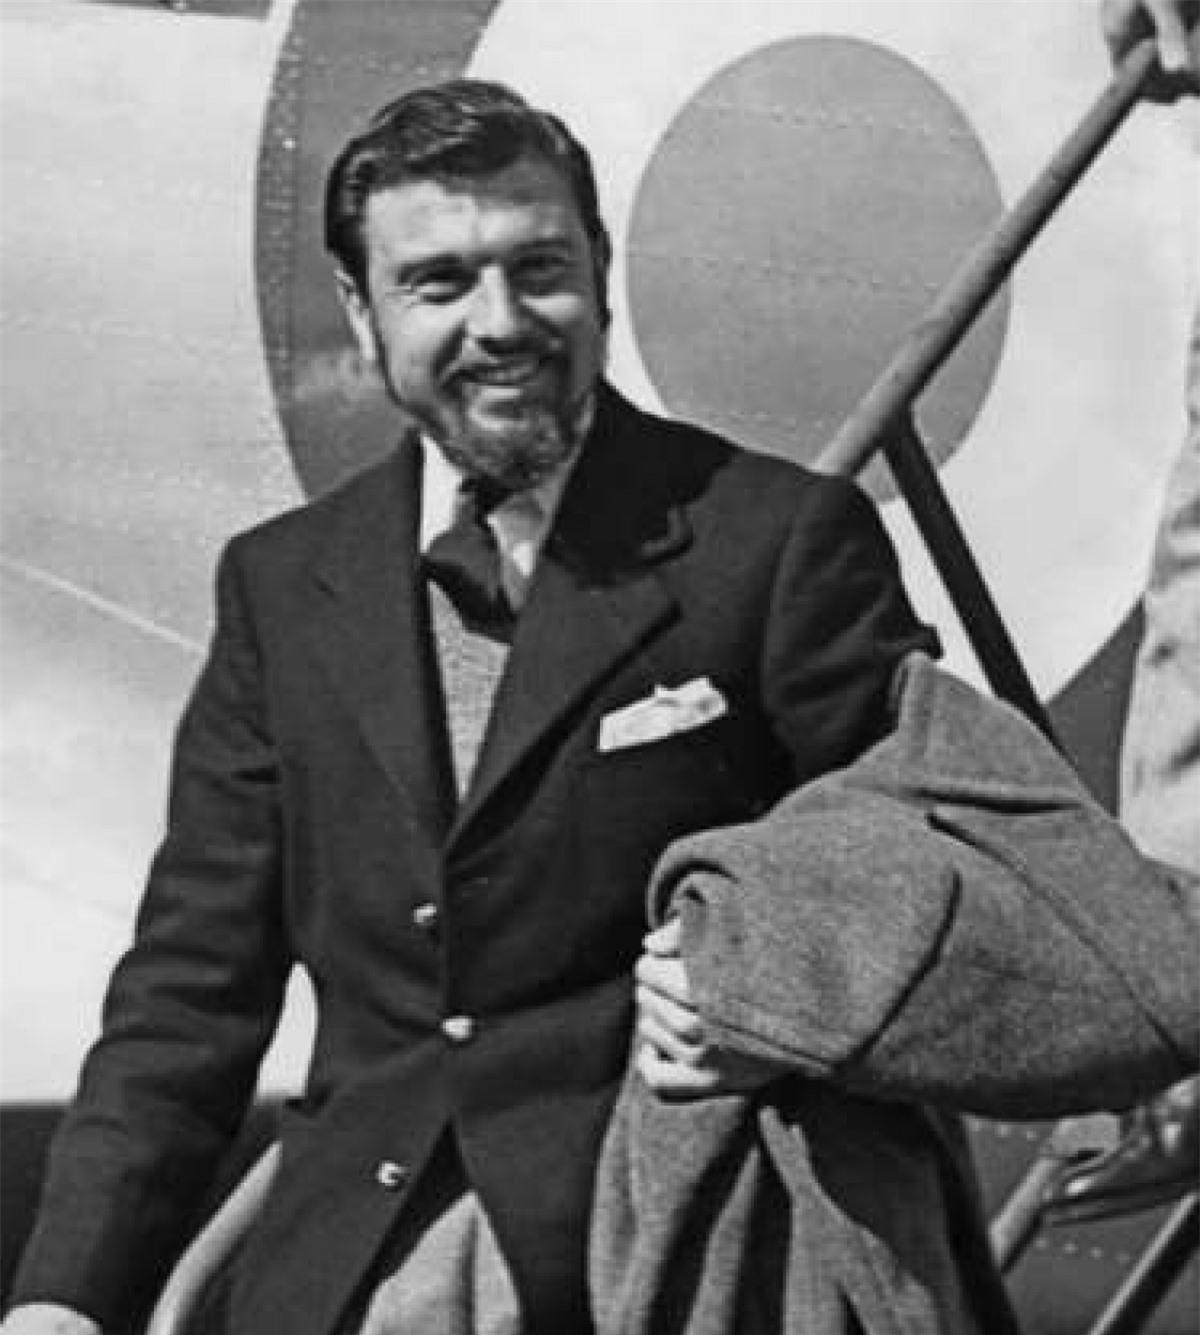 George Blake (1922– ): Sinh ra ở Hà Lan, Blake, người sau này có quốc tịch Anh đã phục vụ trong Hải quân Hoàng gia trong suốt Thế chiến II trước khi được MI6 tuyển chọn. Năm 1948, ông đóng quân ở Seoul, Hàn Quốc. Trong Chiến tranh Triều Tiên, ông bị phía Triều Tiên bắt giữ và sau đó tình nguyện làm việc cho cơ quan gián điệp của Liên Xô là KGB. Được thả năm 1953, ông tiếp tục làm điệp viên cho Liên Xô tới năm 1961 thì thân phận của ông bị bại lộ. Bị tuyên án 42 năm tù giam, Blake đã vượt ngục và chạy tới Moscow, nơi ông đang sống hiện nay.